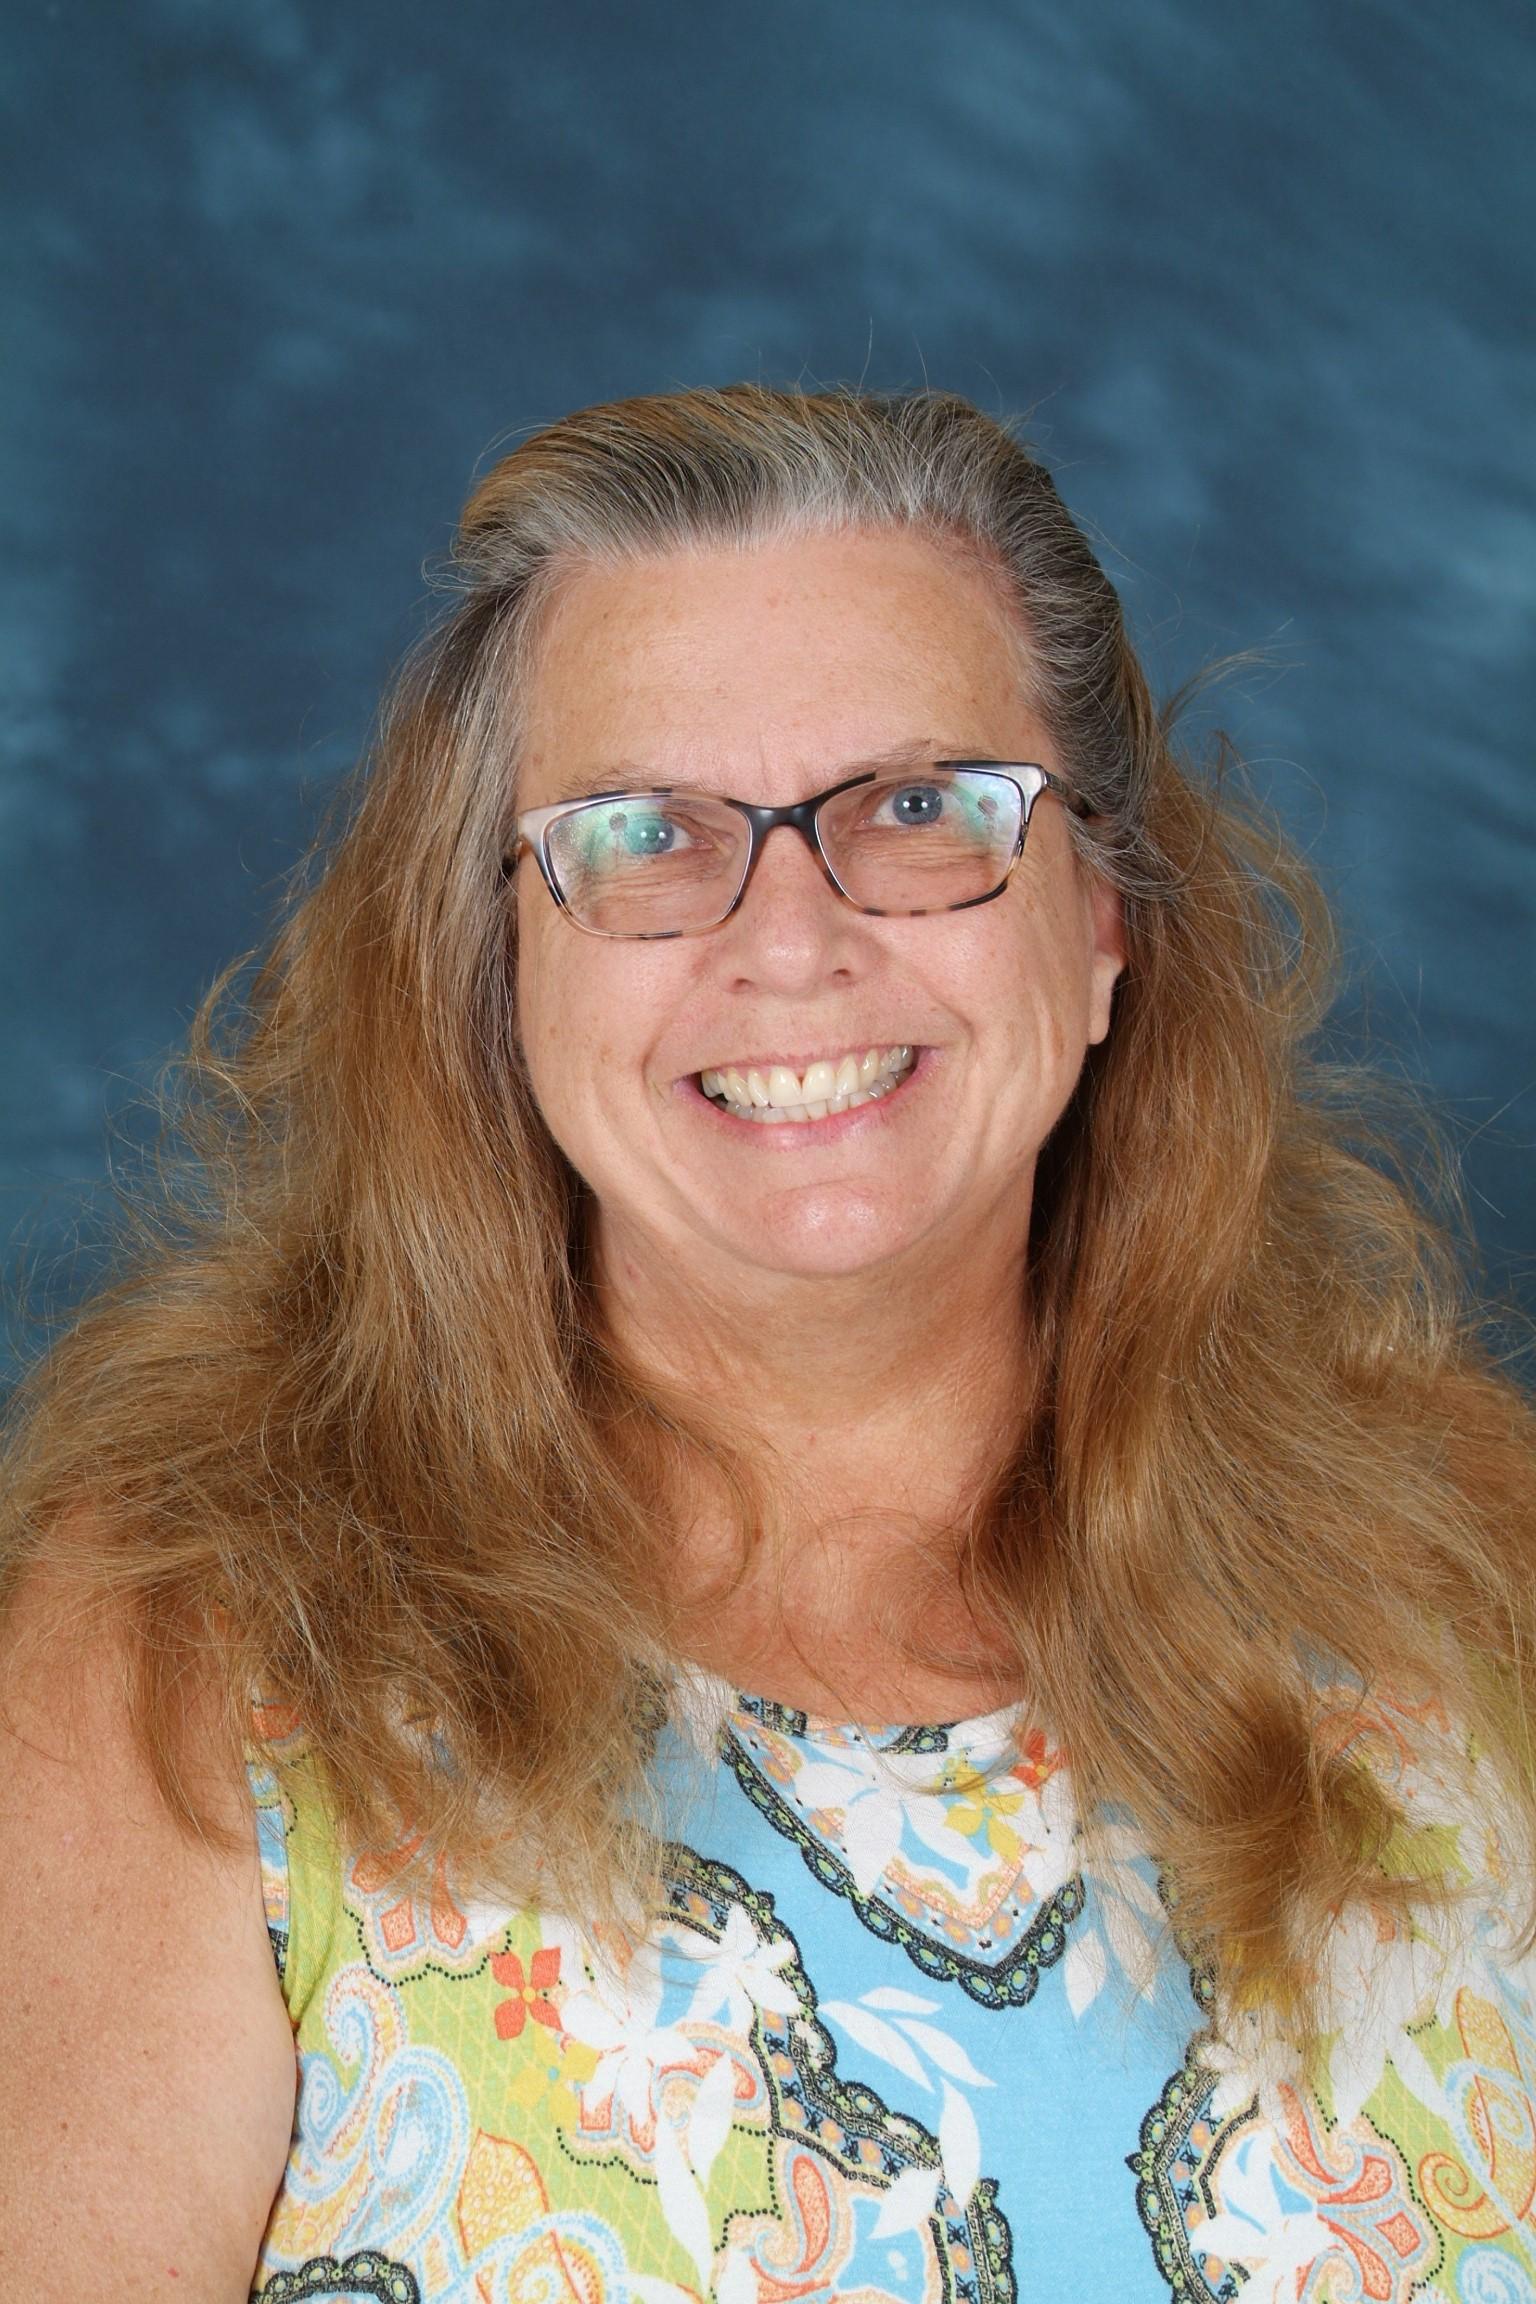 Linda Self